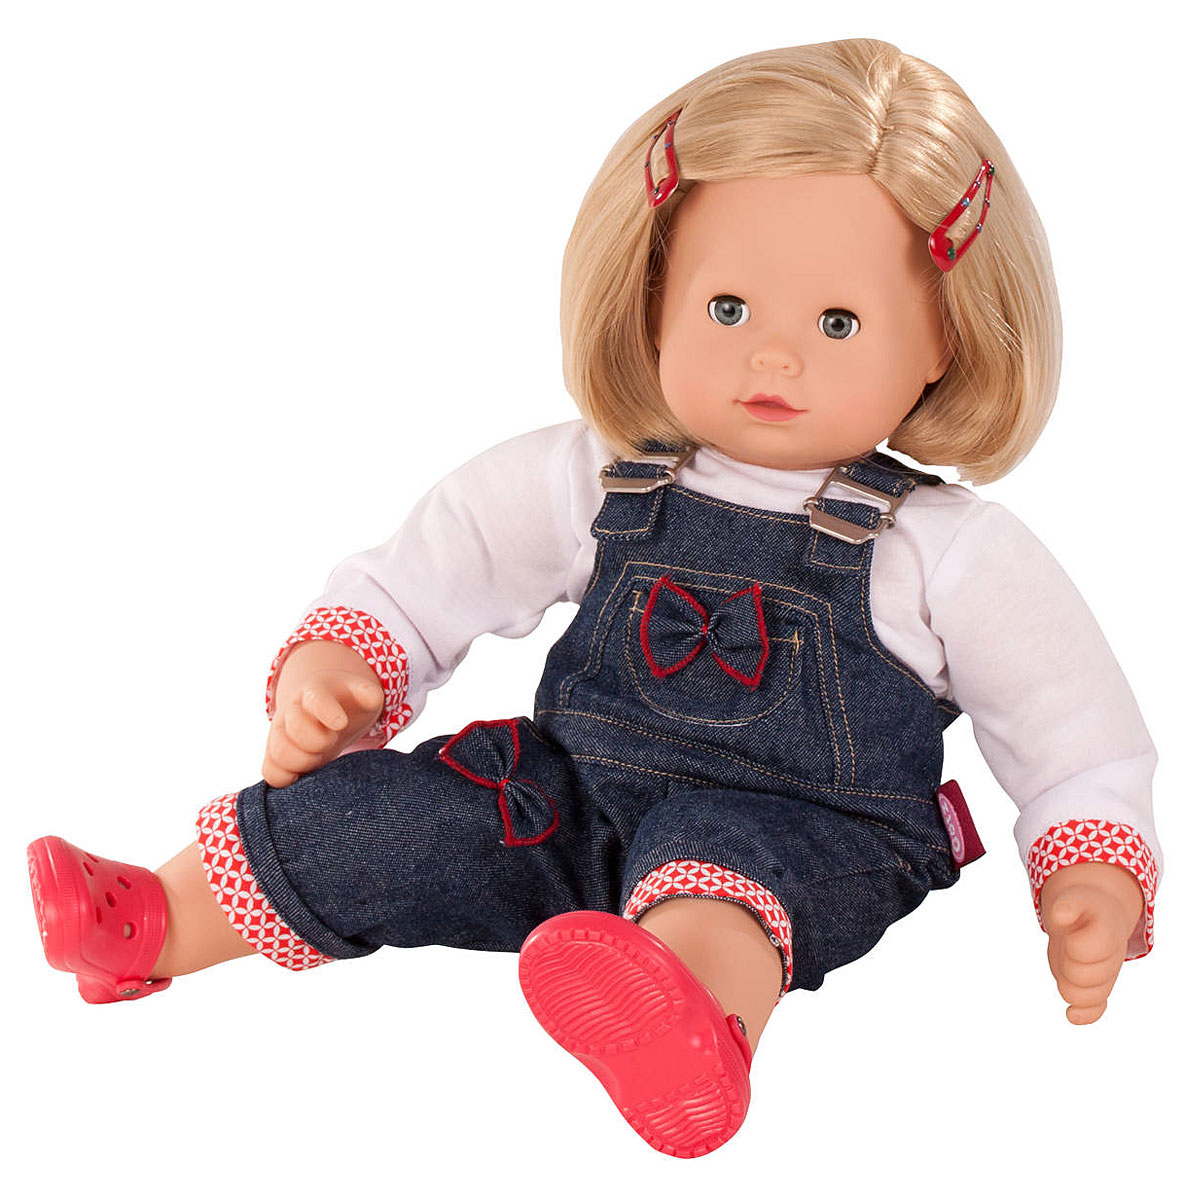 Gotz Кукла Макси-маффин блондинка в джинсовом комбинезон